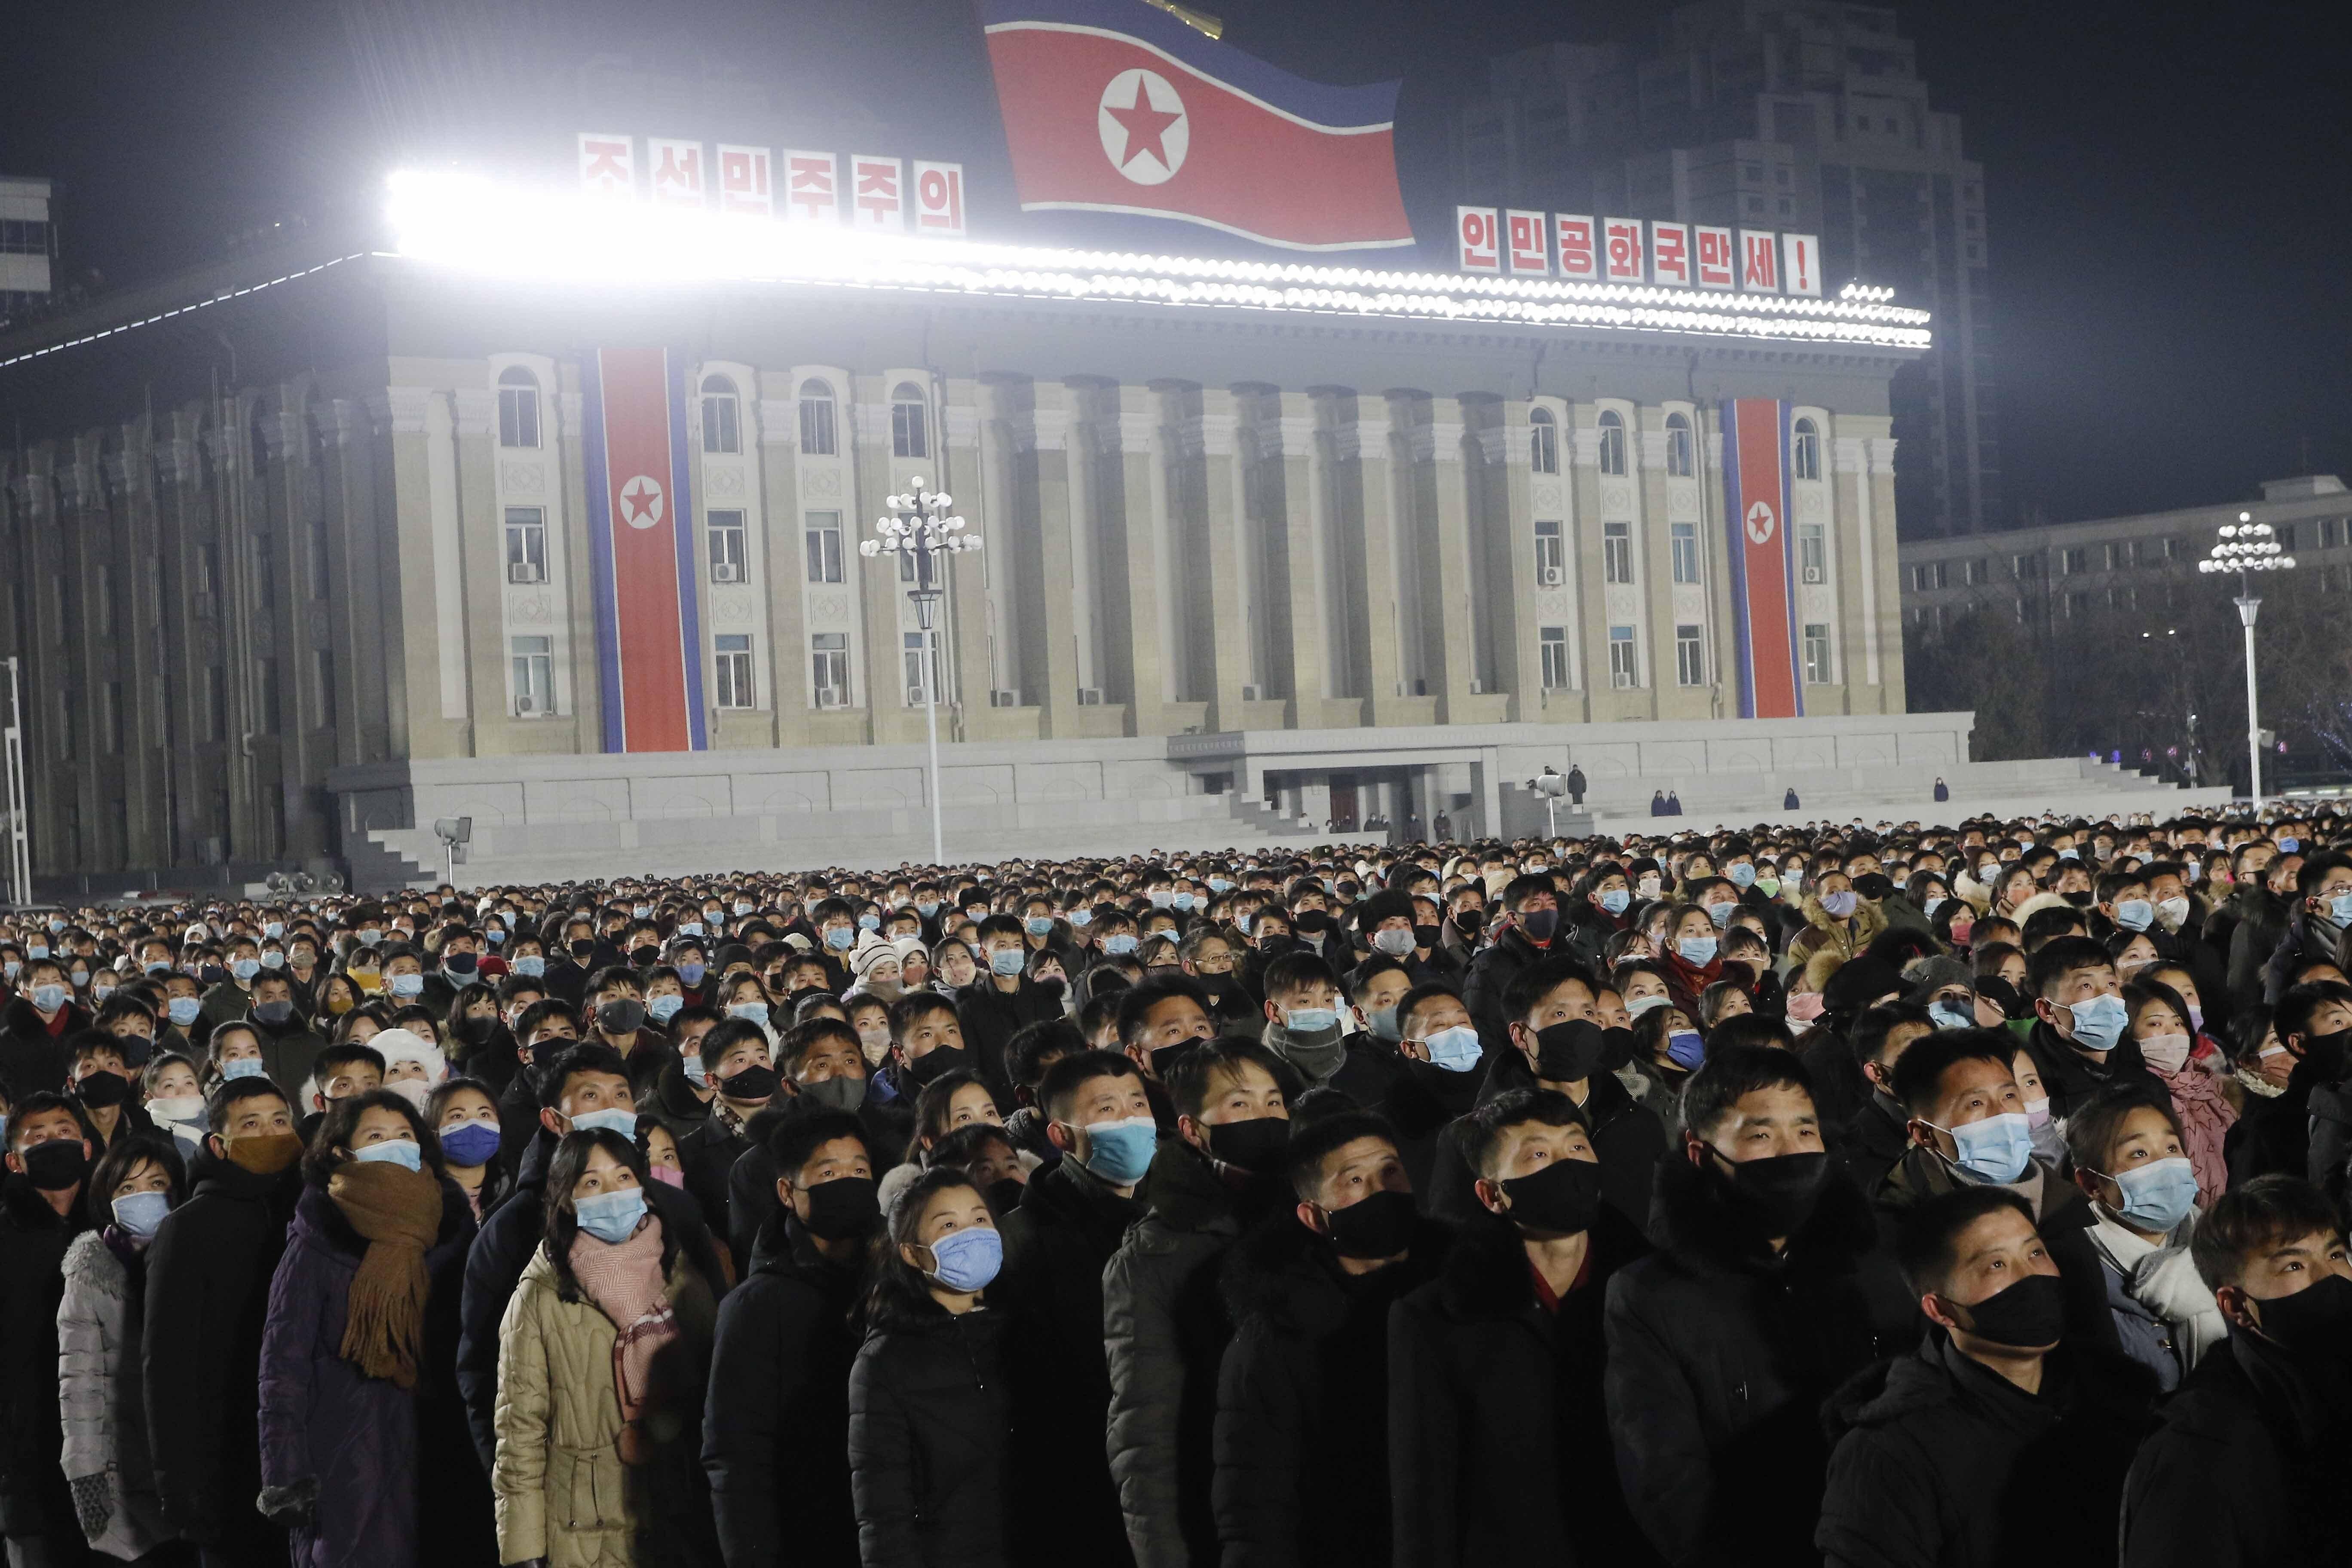 ▲▼北韓當局在平壤金日成廣場施放煙火、舉行音樂會,喜迎新年。(圖/達志影像/美聯社)